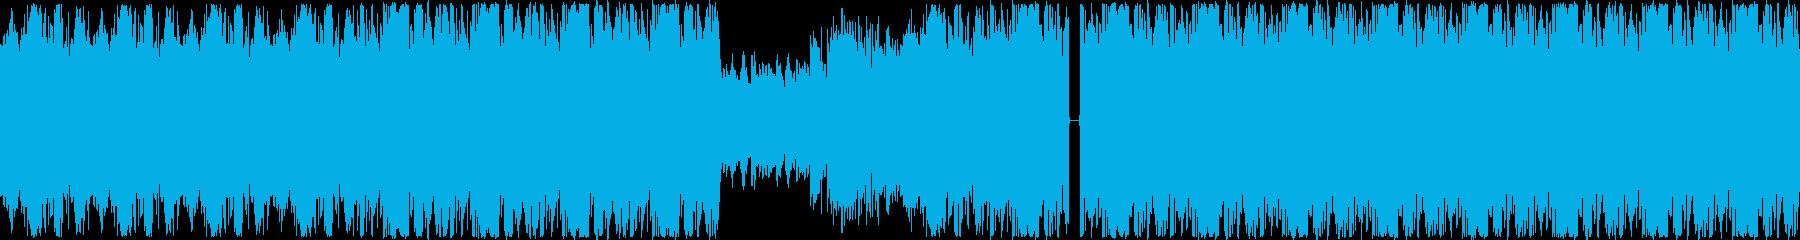 【スタイリッシュ/知的/フレンチハウス】の再生済みの波形